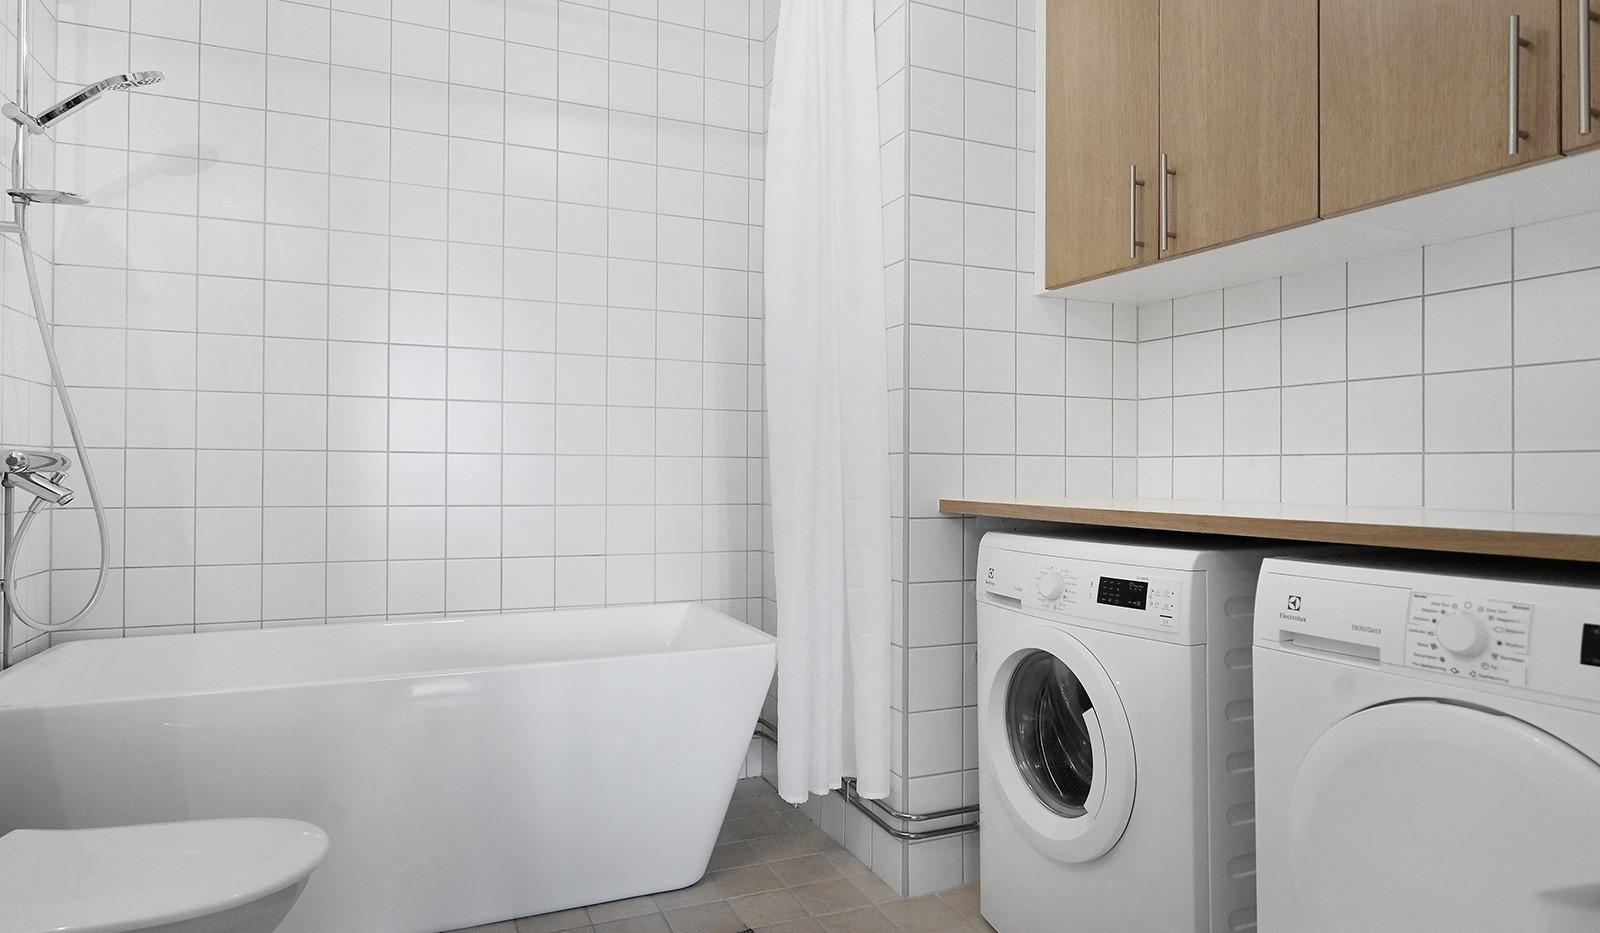 Hildebergsvägen 18, 4 tr - Tvättdel med tvättmaskin och torktumlare